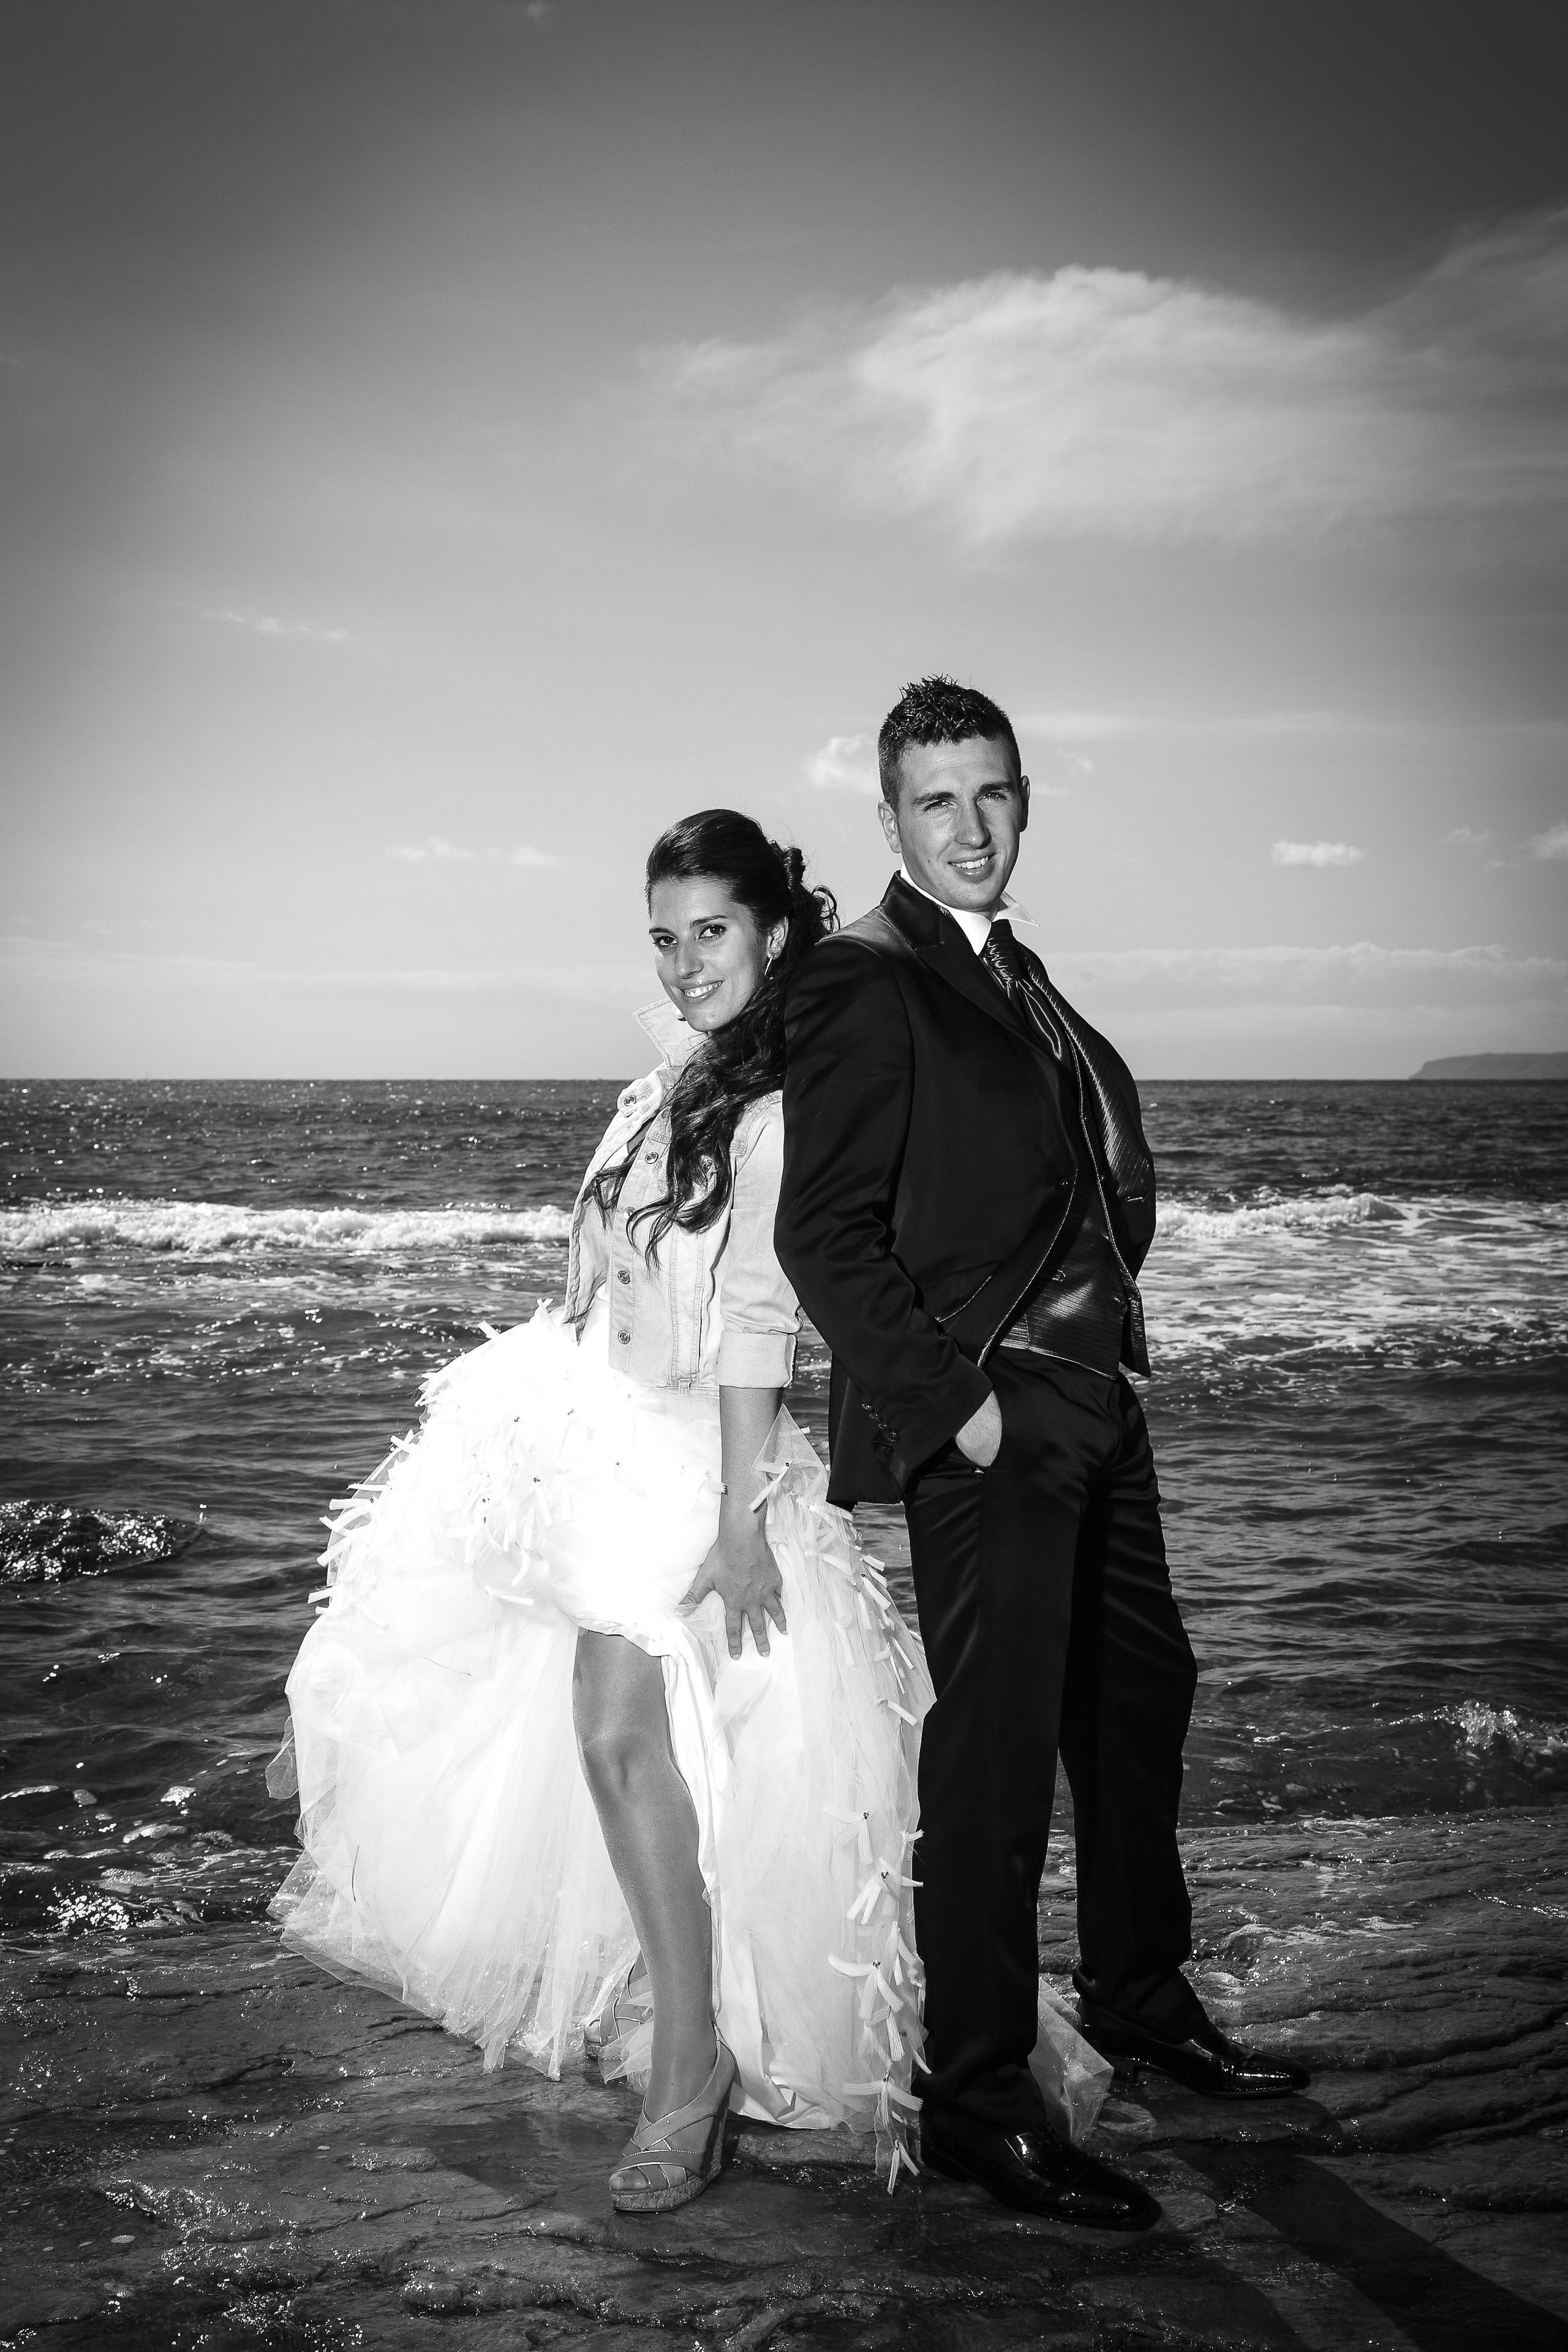 Boda Paco + Anna, 8 de septiembre de 2012